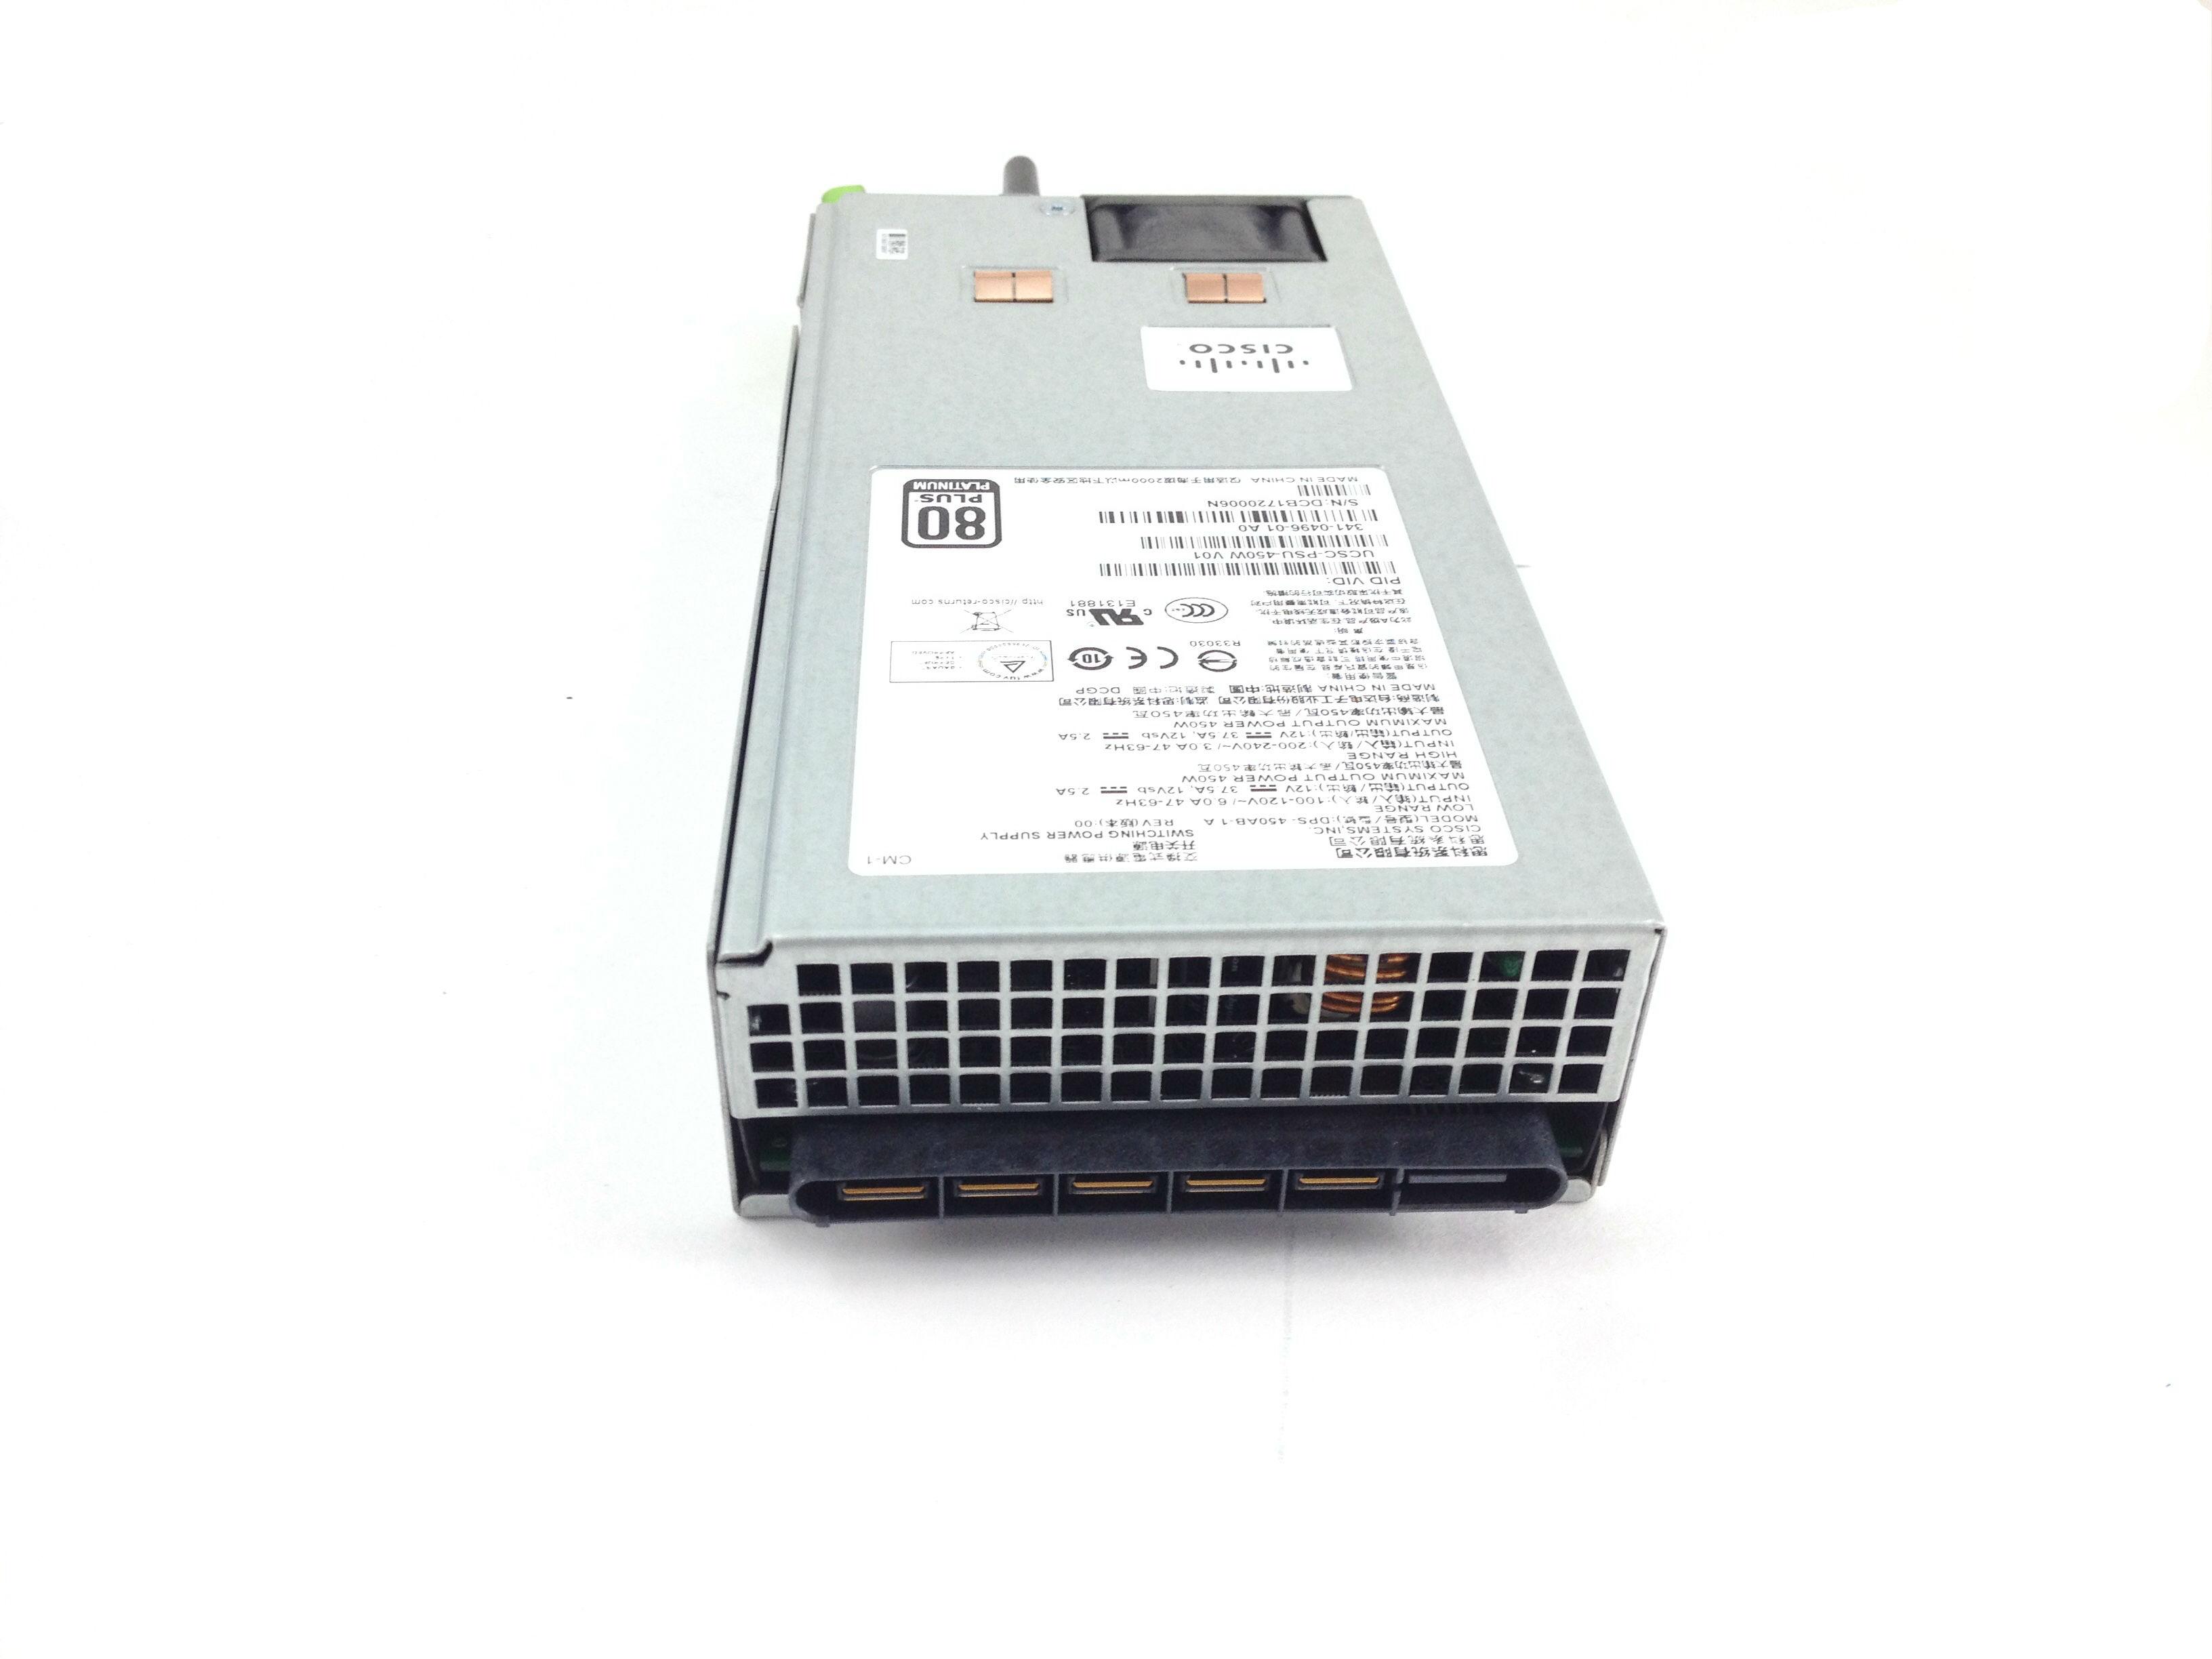 A Cisco UCS C220 M3 450W Power Supply (DPS-450AB-1 A)